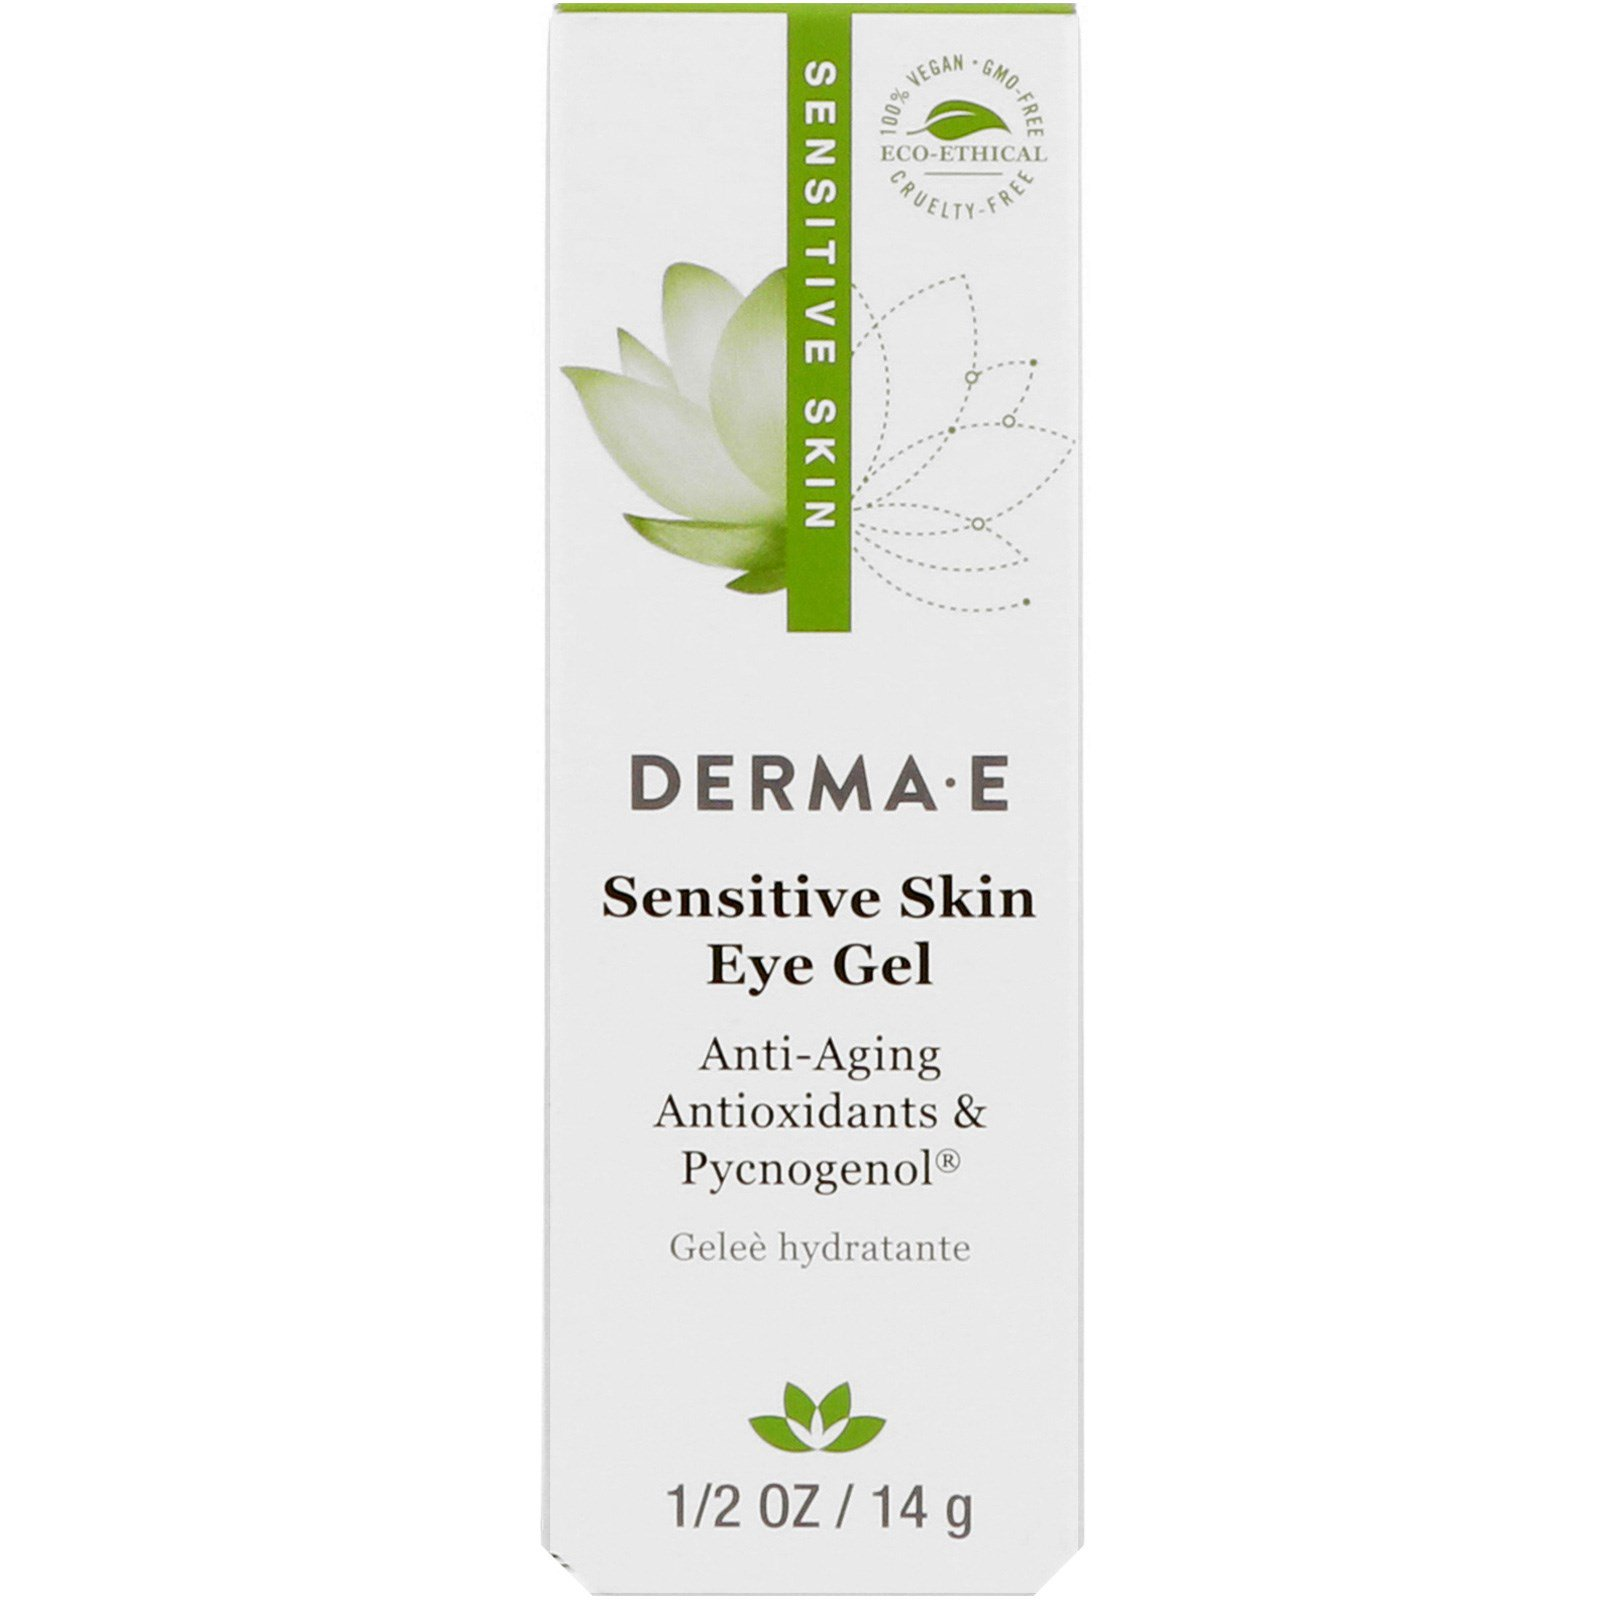 Derma E, Гель для чувствительной кожи и глаз, 1/2 унц. (14 г)